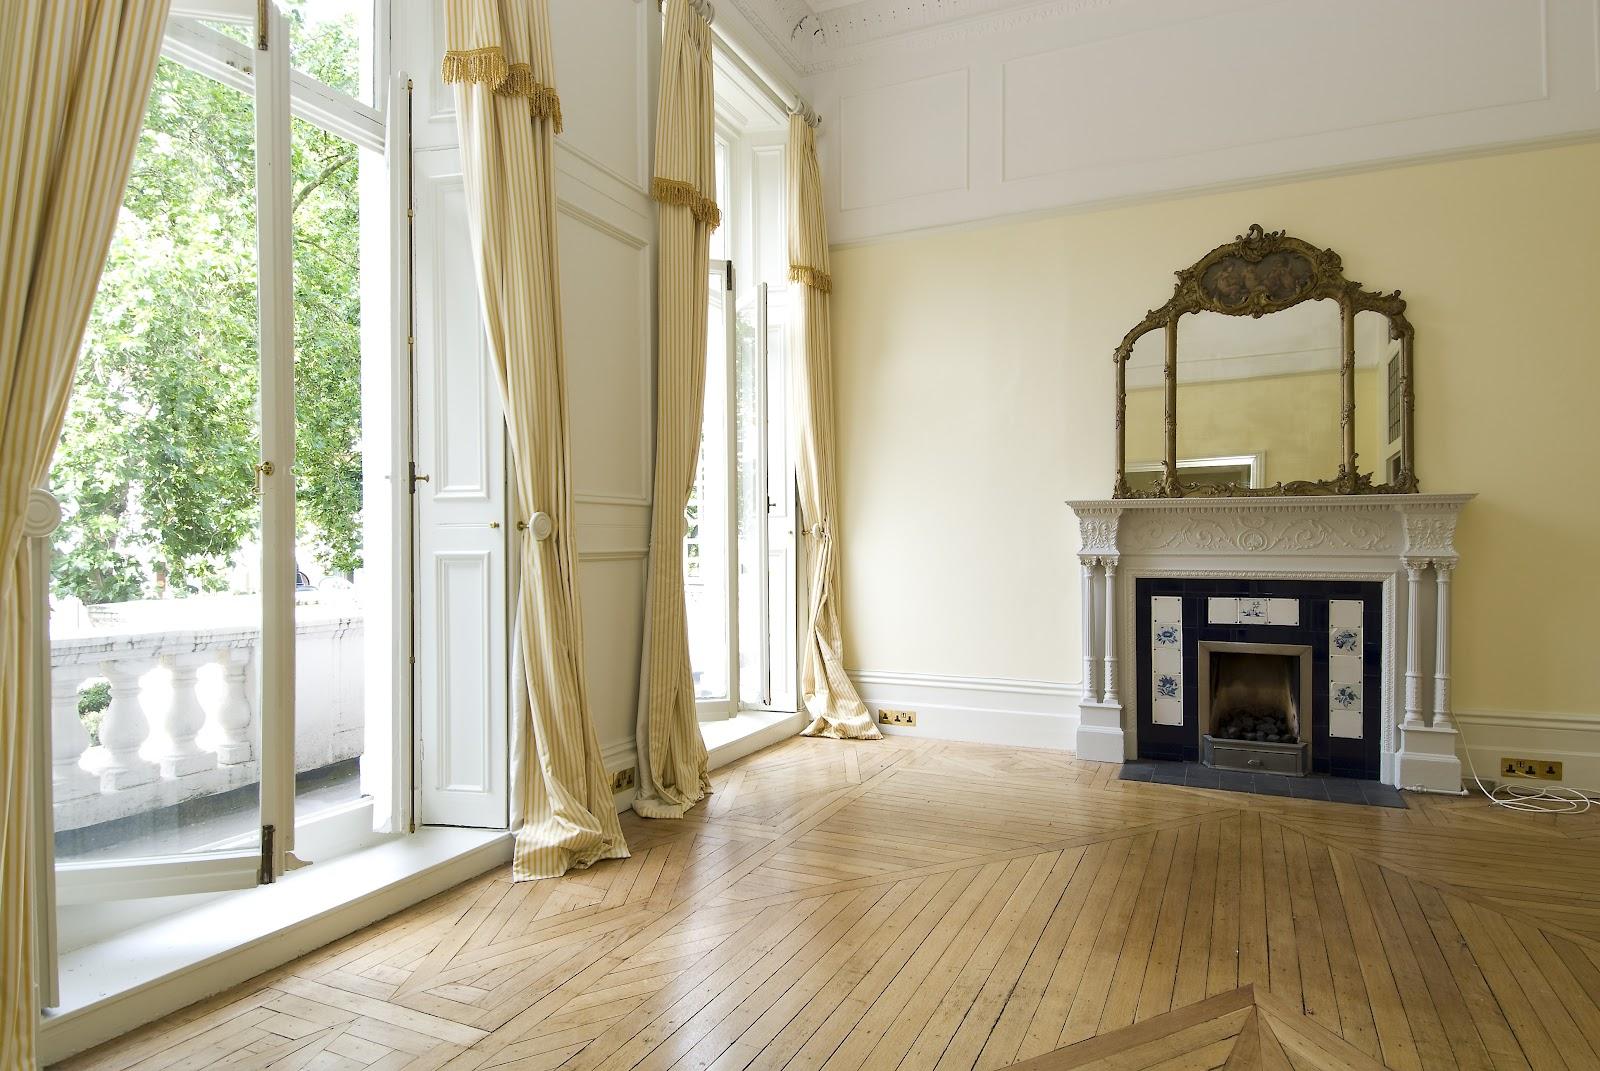 New York Interior Design Dream Apartment